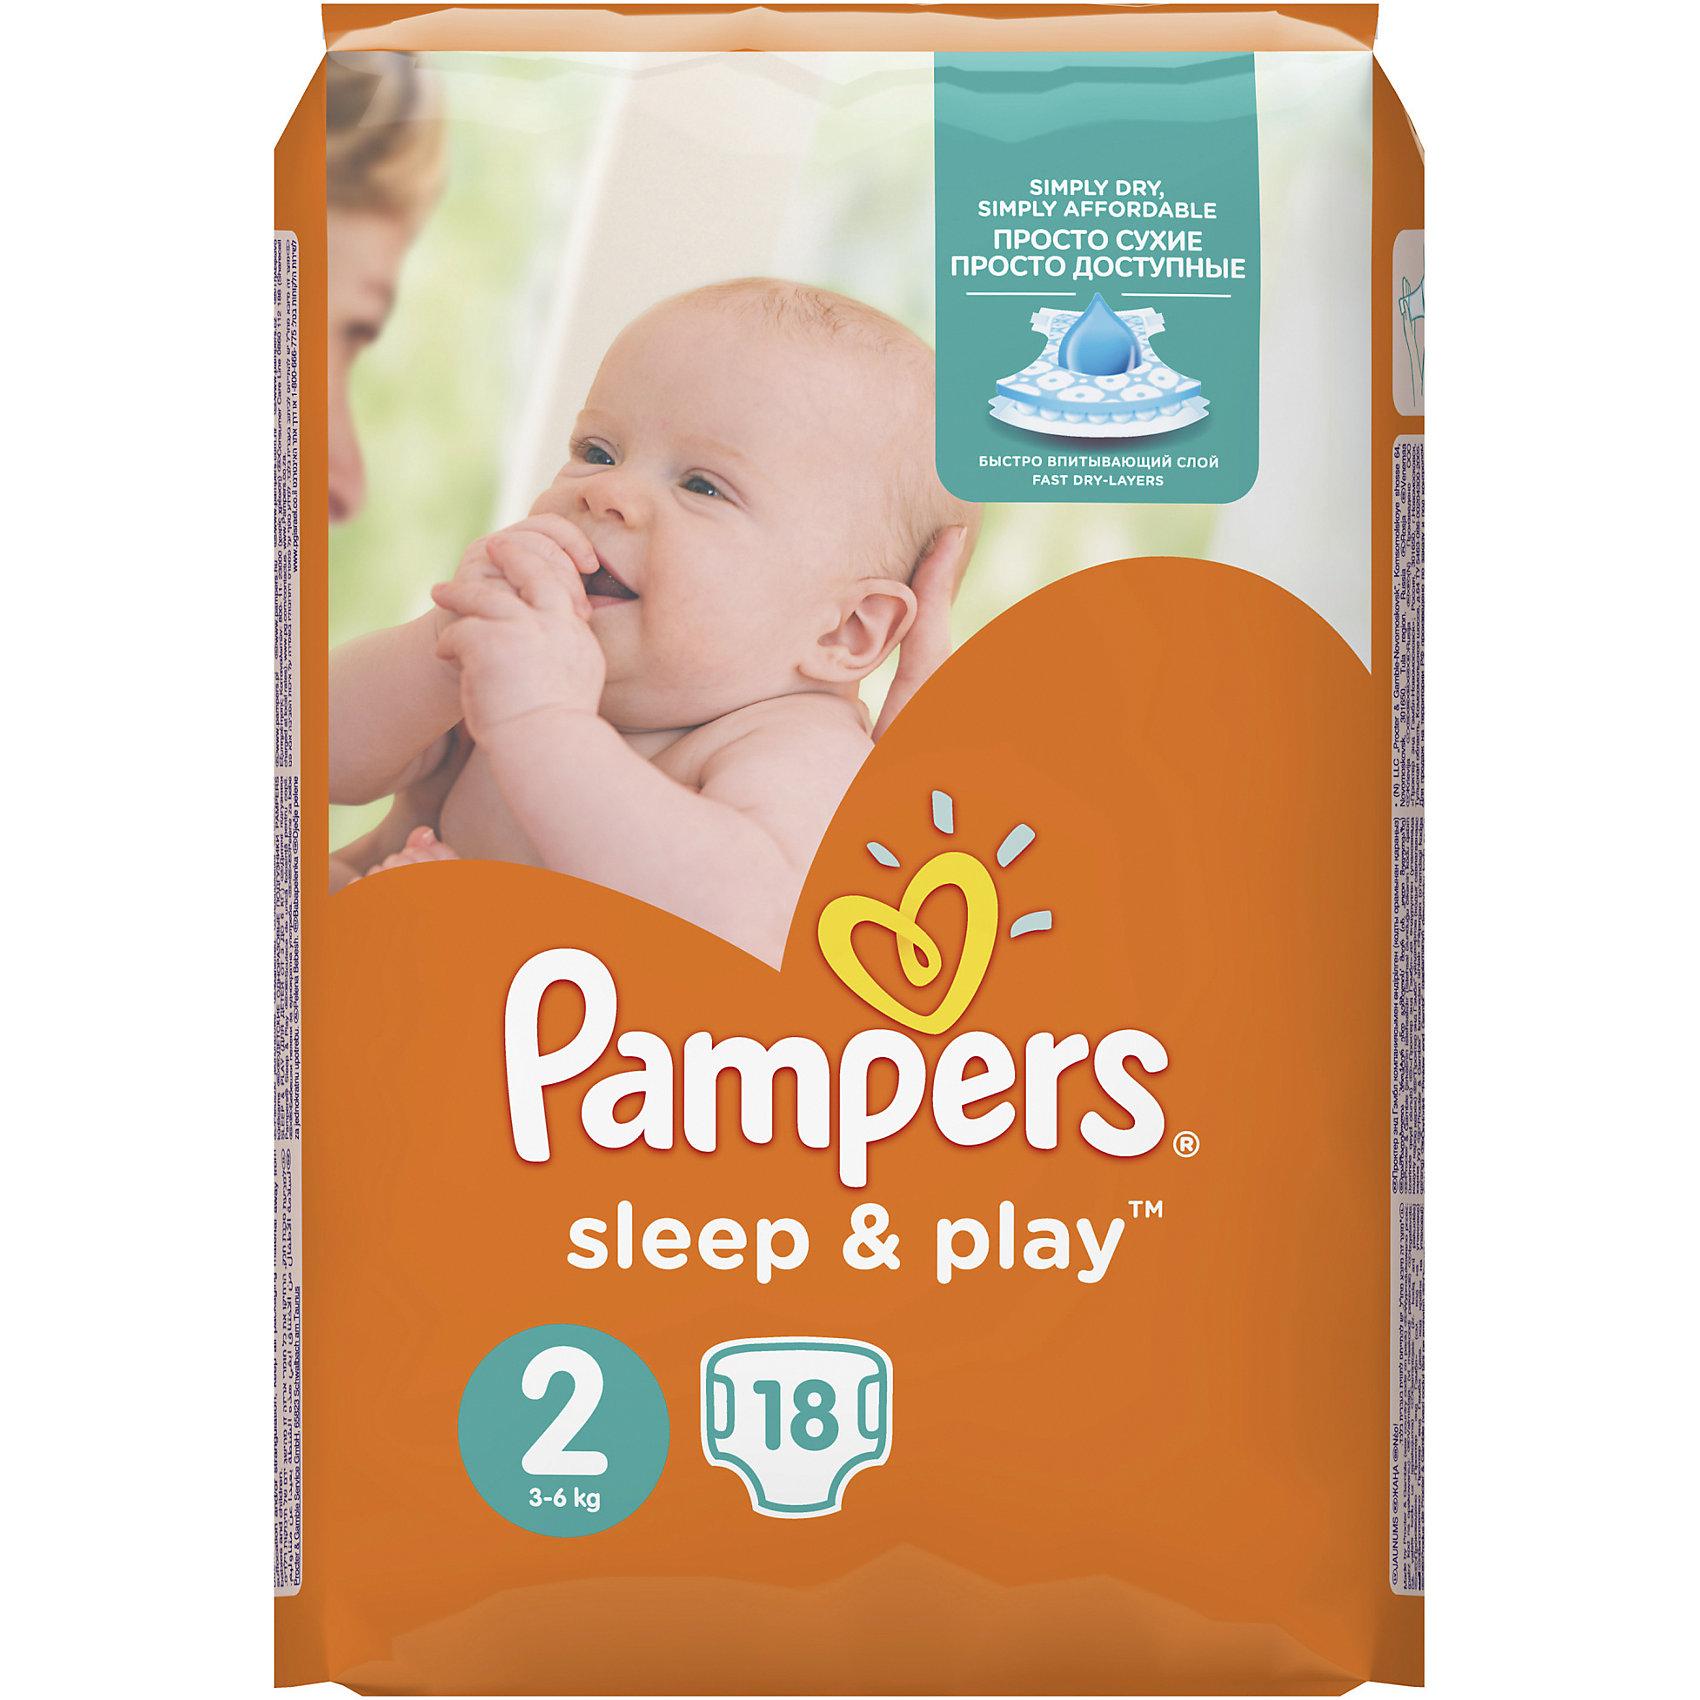 Подгузники Pampers Sleep &amp; Play Mini, 3-6 кг., 18 шт.Подгузники 5-12 кг.<br>Подгузники Pampers Sleep &amp; Play Mini (Памперс слип энд плей), 3-6 кг., 18 шт.<br><br>Характеристики:<br><br>• быстро впитывают и распределяют влагу<br>• эластичные боковинки<br>• манжеты, предотвращающие протекание<br>• застежки-липучки можно регулировать<br>• яркий дизайн<br>• размер: 3-6 кг<br>• количество: 18 шт.<br>• размер упаковки: 18х15,7х11,4 см<br>• вес: 340 грамм<br><br>Подгузники Pampers Sleep &amp; Play Mini быстро впитывают влагу и надежно удерживают ее внутри. Эластичные боковинки и манжеты не вызывают раздражения и защищают подгузник от протеканий. Регулируемые застежки-липучки очень удобны в использовании. Вы сможете с легкостью застегнуть подгузник повторно в случае необходимости. С подгузниками Pampers Sleep &amp; Play ваш малыш с комфортом будет знакомиться с окружающим миром!<br><br>Подгузники Pampers Sleep &amp; Play Mini (Памперс слип энд плей), 3-6 кг., 18 шт. можно купить в нашем интернет-магазине.<br><br>Ширина мм: 114<br>Глубина мм: 157<br>Высота мм: 180<br>Вес г: 340<br>Возраст от месяцев: 0<br>Возраст до месяцев: 6<br>Пол: Унисекс<br>Возраст: Детский<br>SKU: 5423654